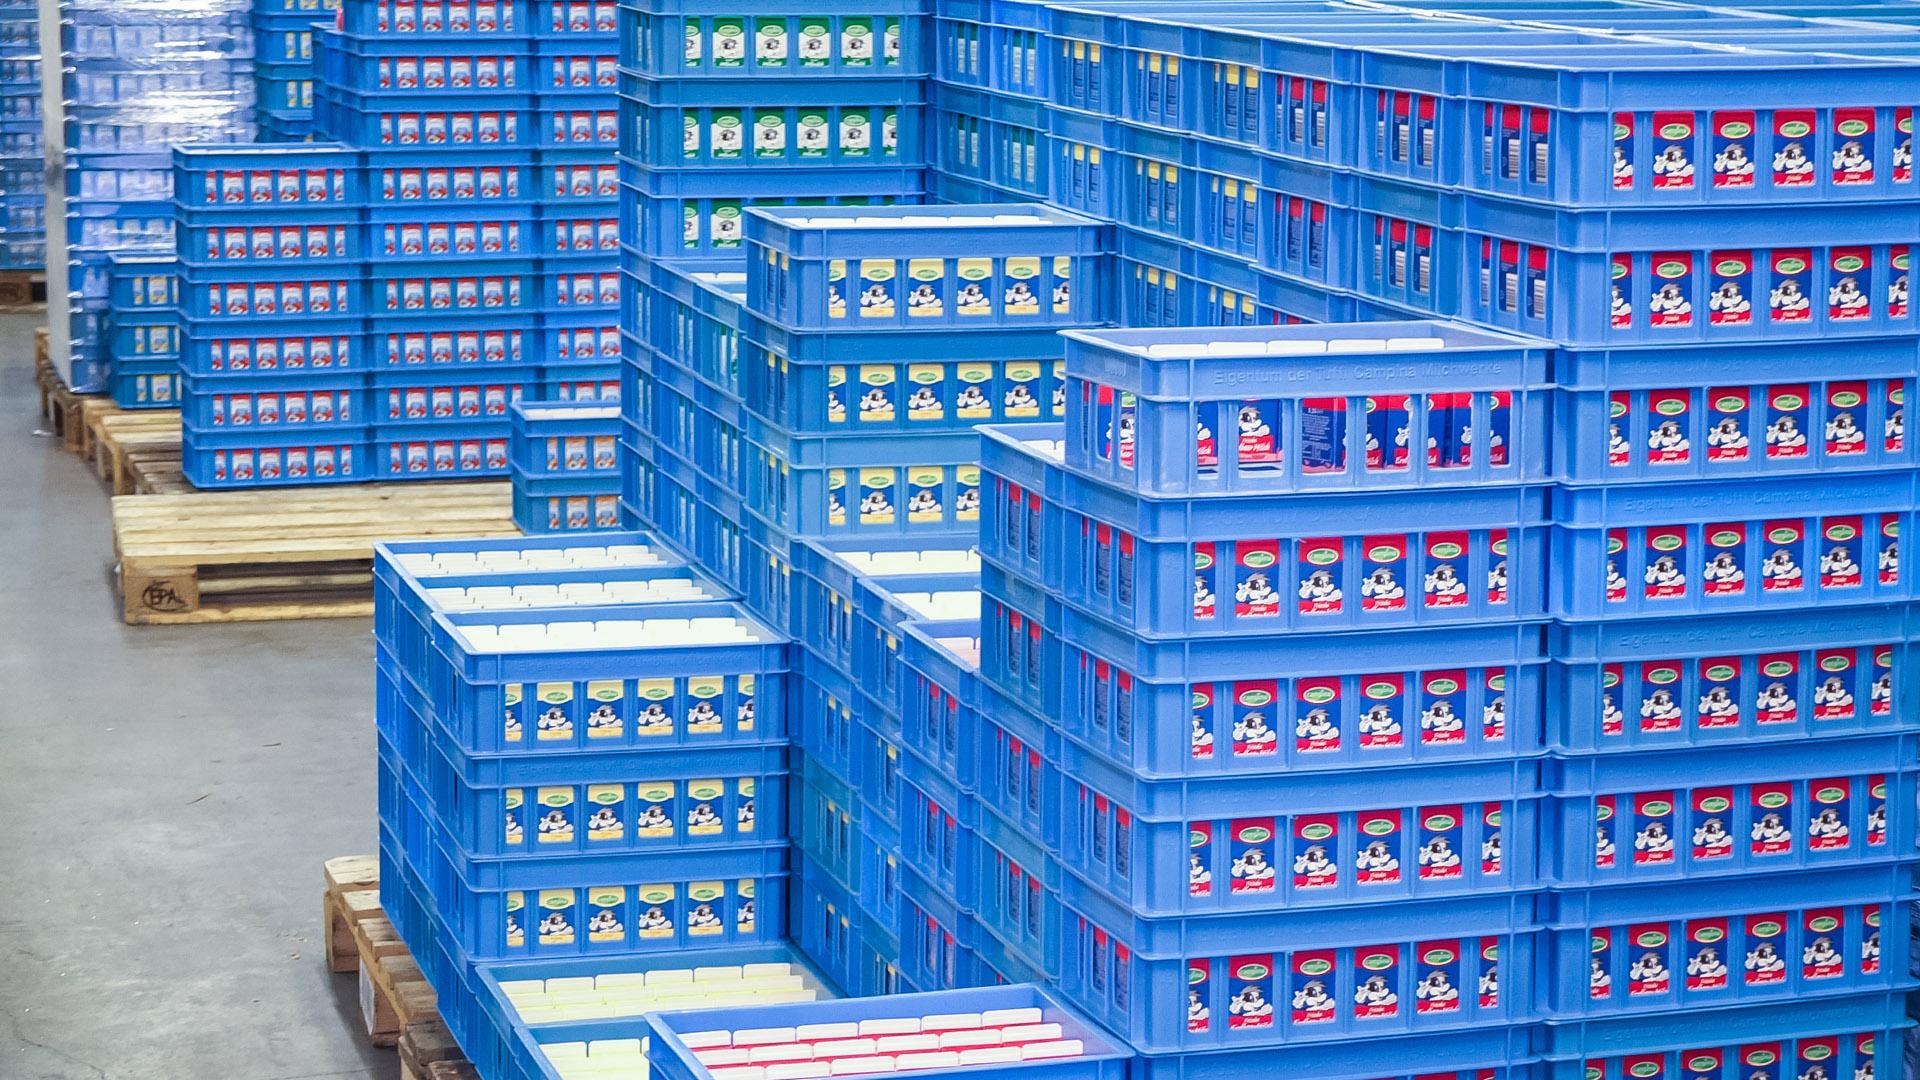 Stenkamp Milchbestellungen Schulmilch bestellen Logistik Borken Duisburg Lebensmittel Lagerhalle Transport